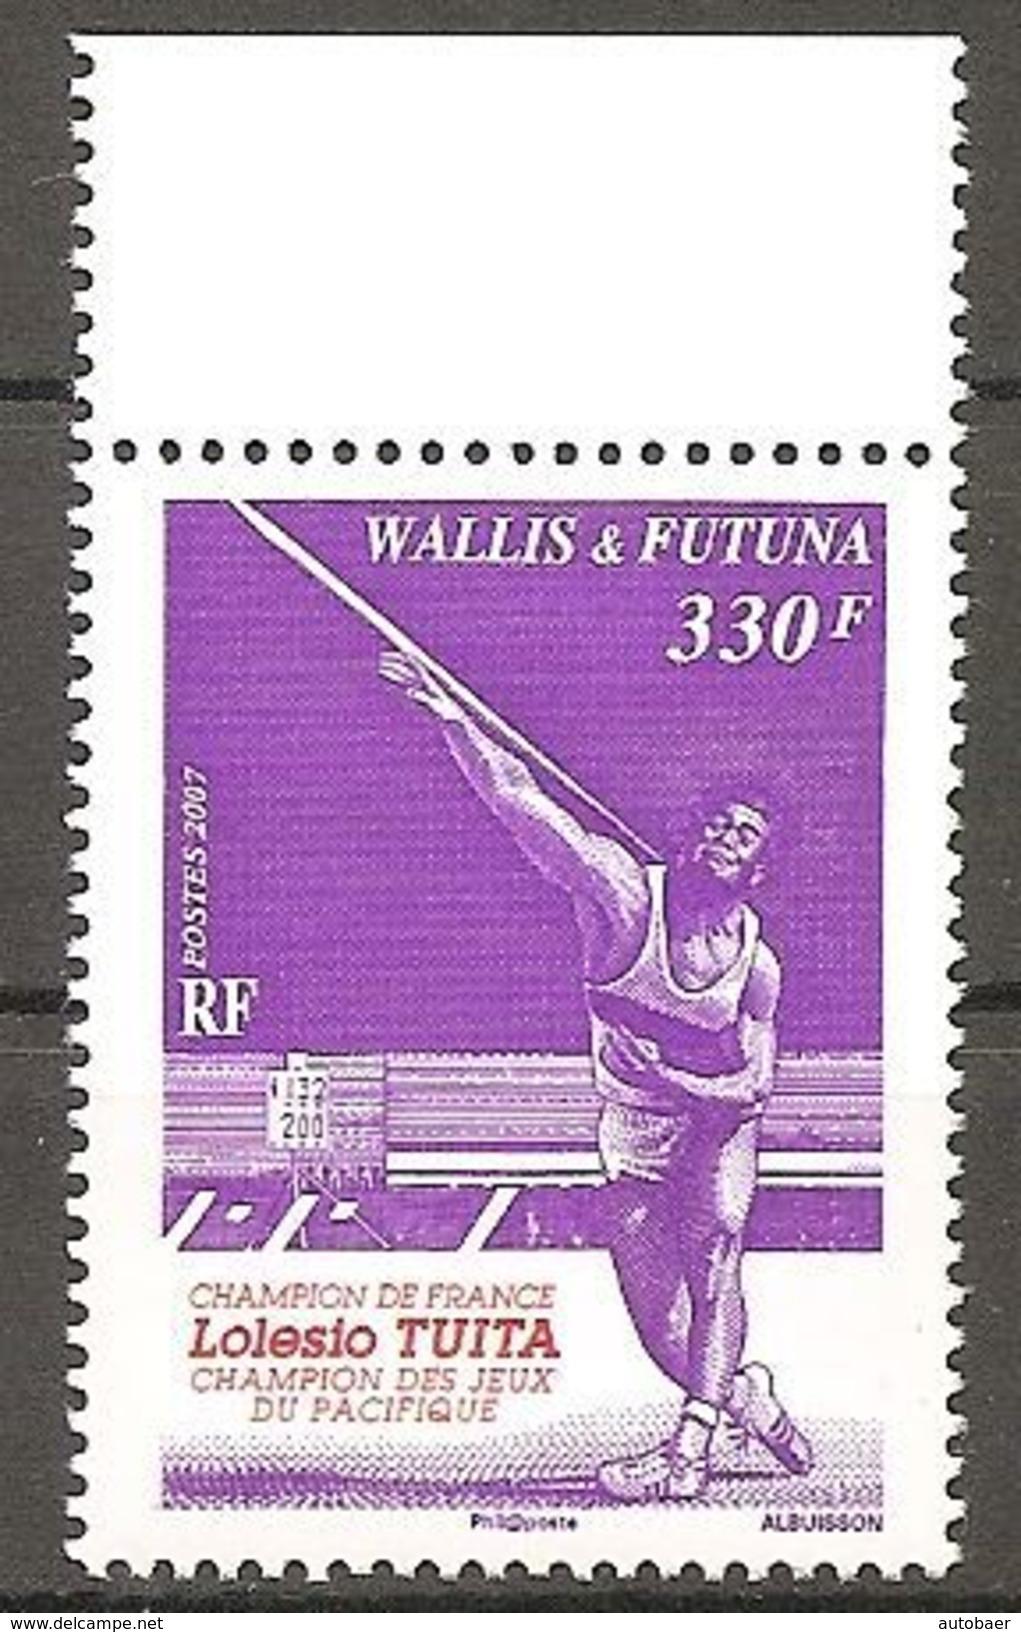 Wallis Und Et Futuna 2007 Lolesio Tuita Speerwerfer Michel No. 951 MNH Postfrisch Neuf - Wallis Und Futuna